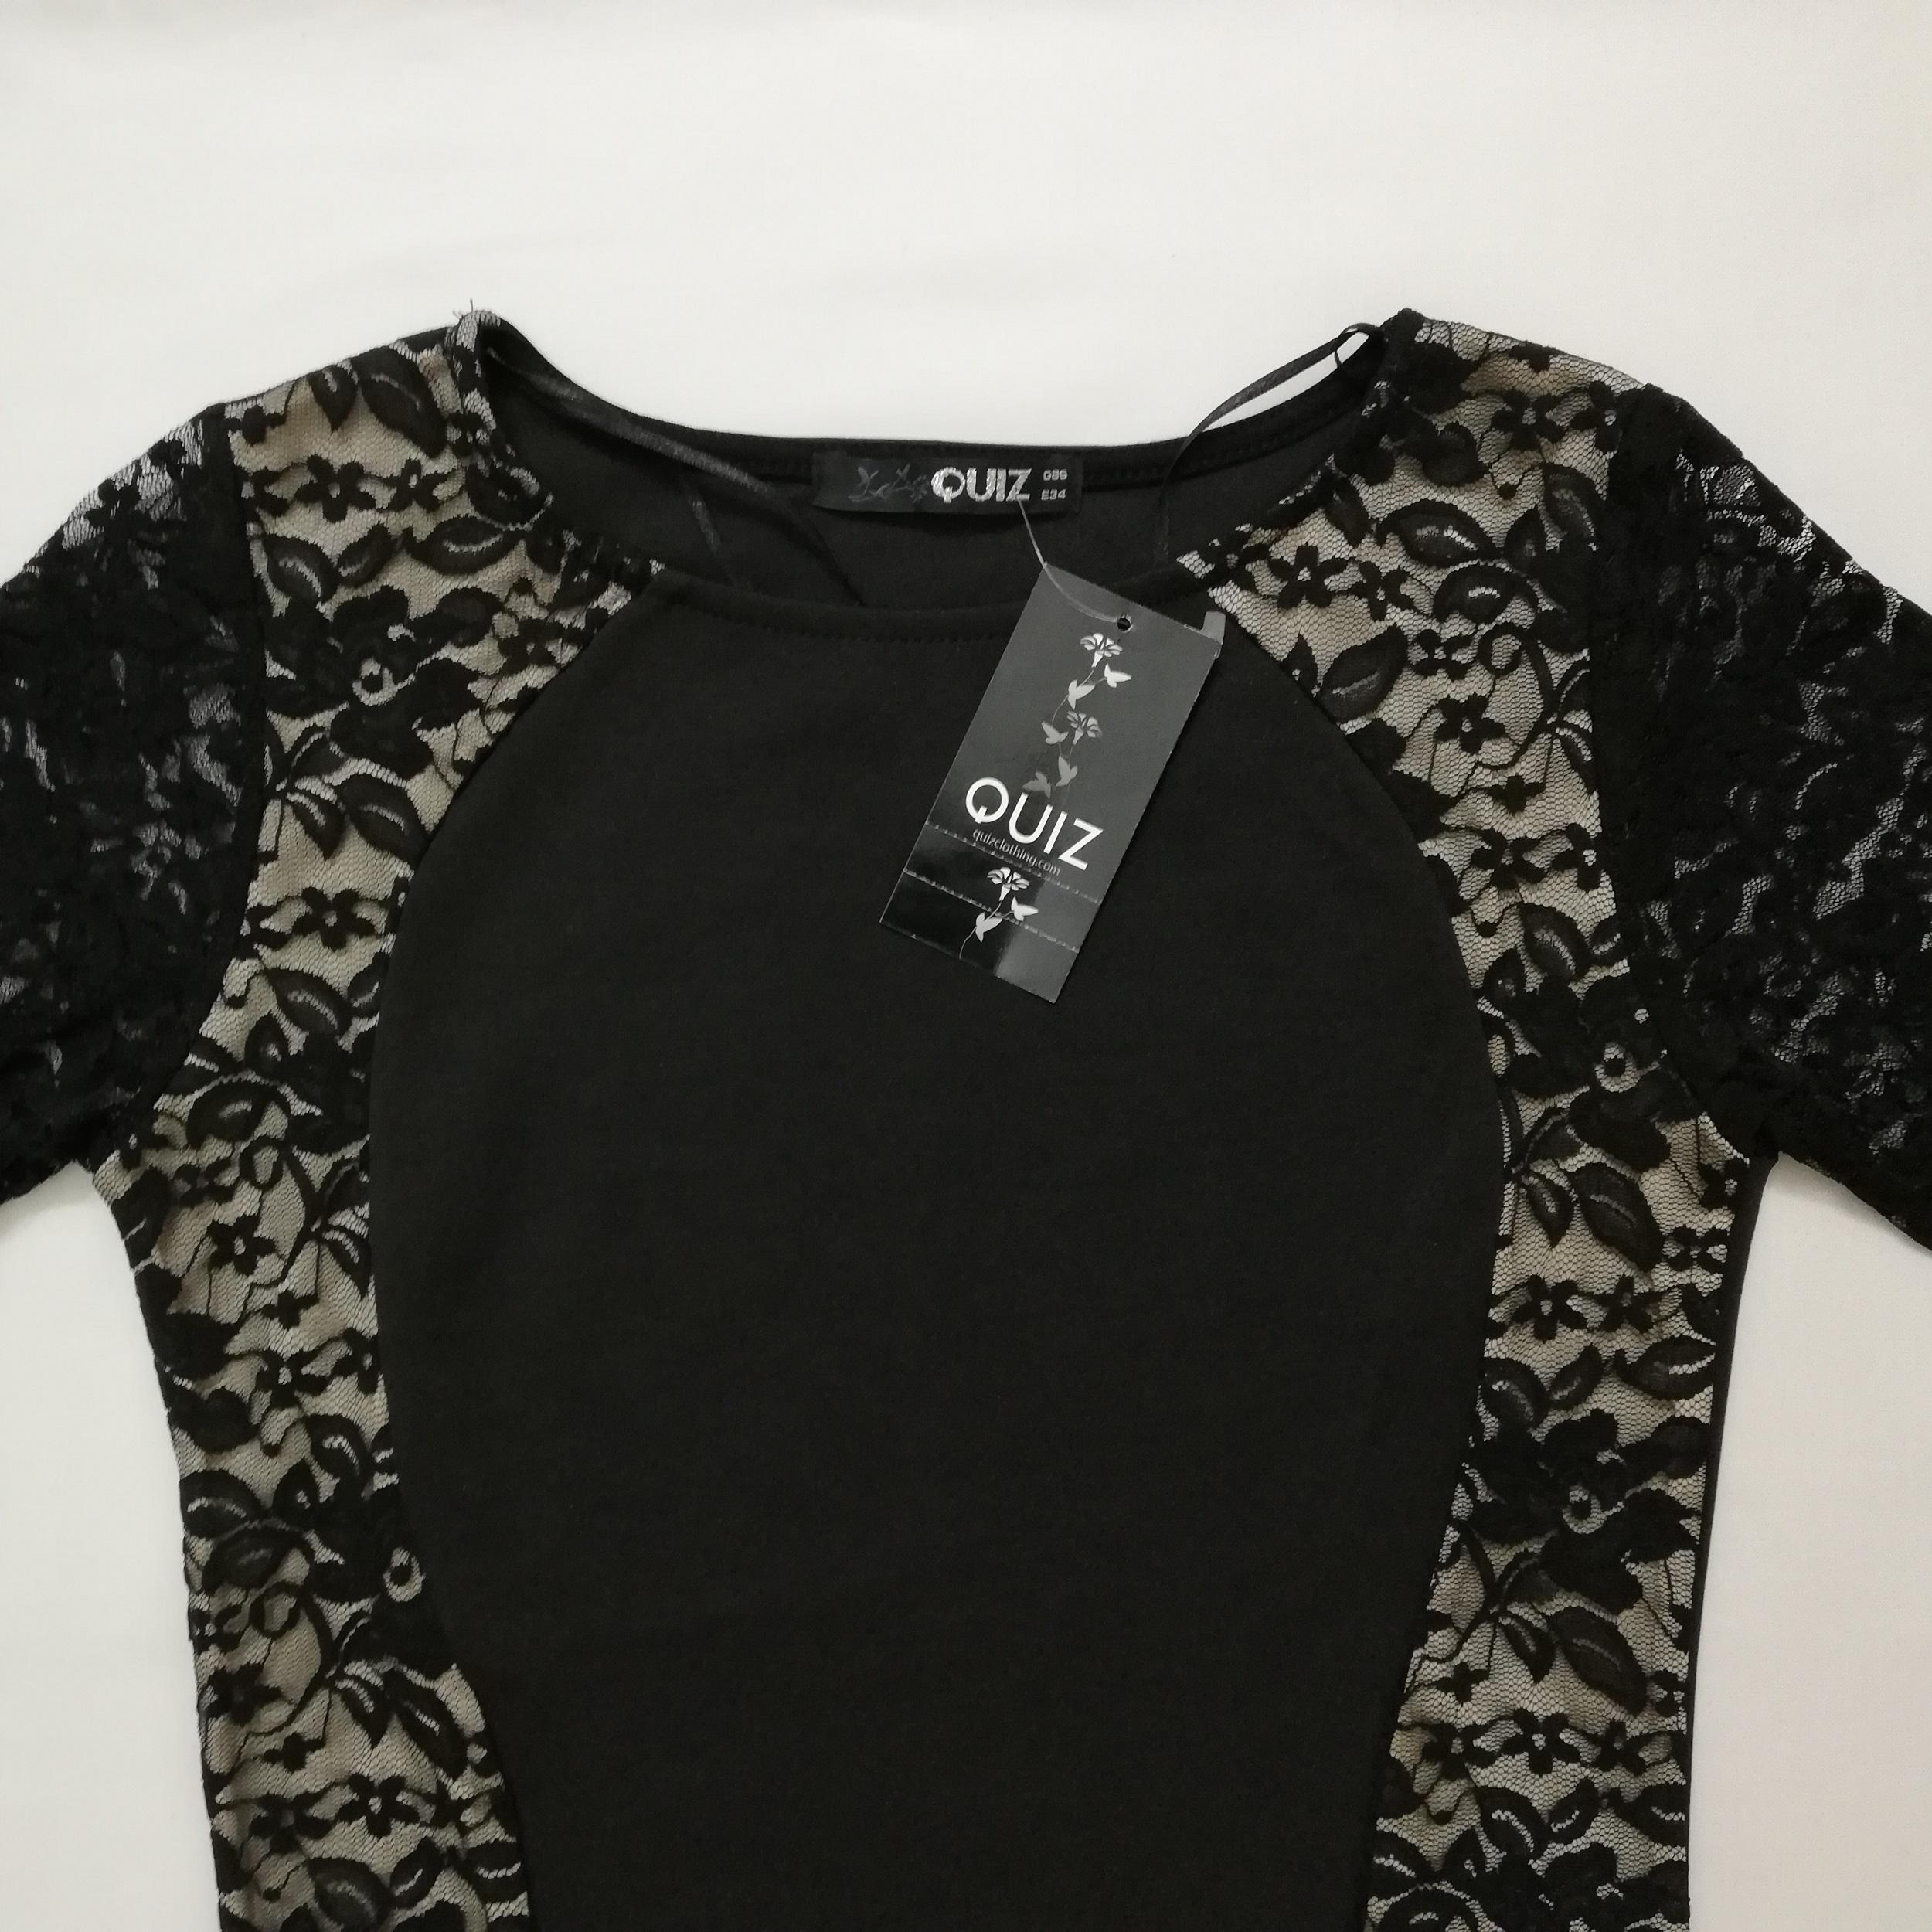 پیراهن زنانه کوییز کد A1